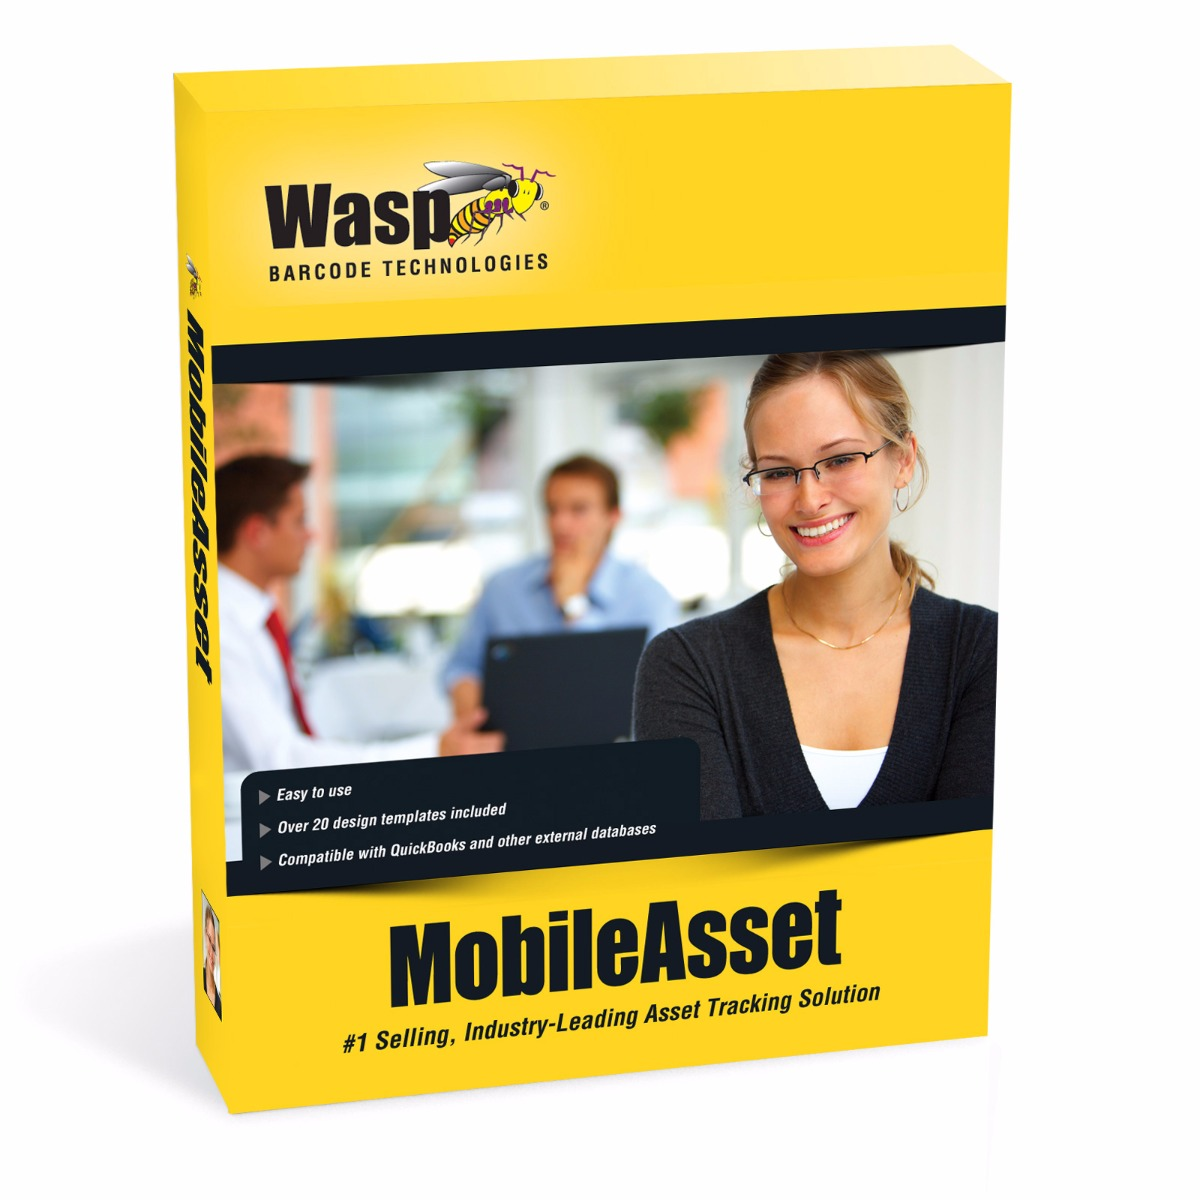 Wasp Mobile Asset v7 Standard